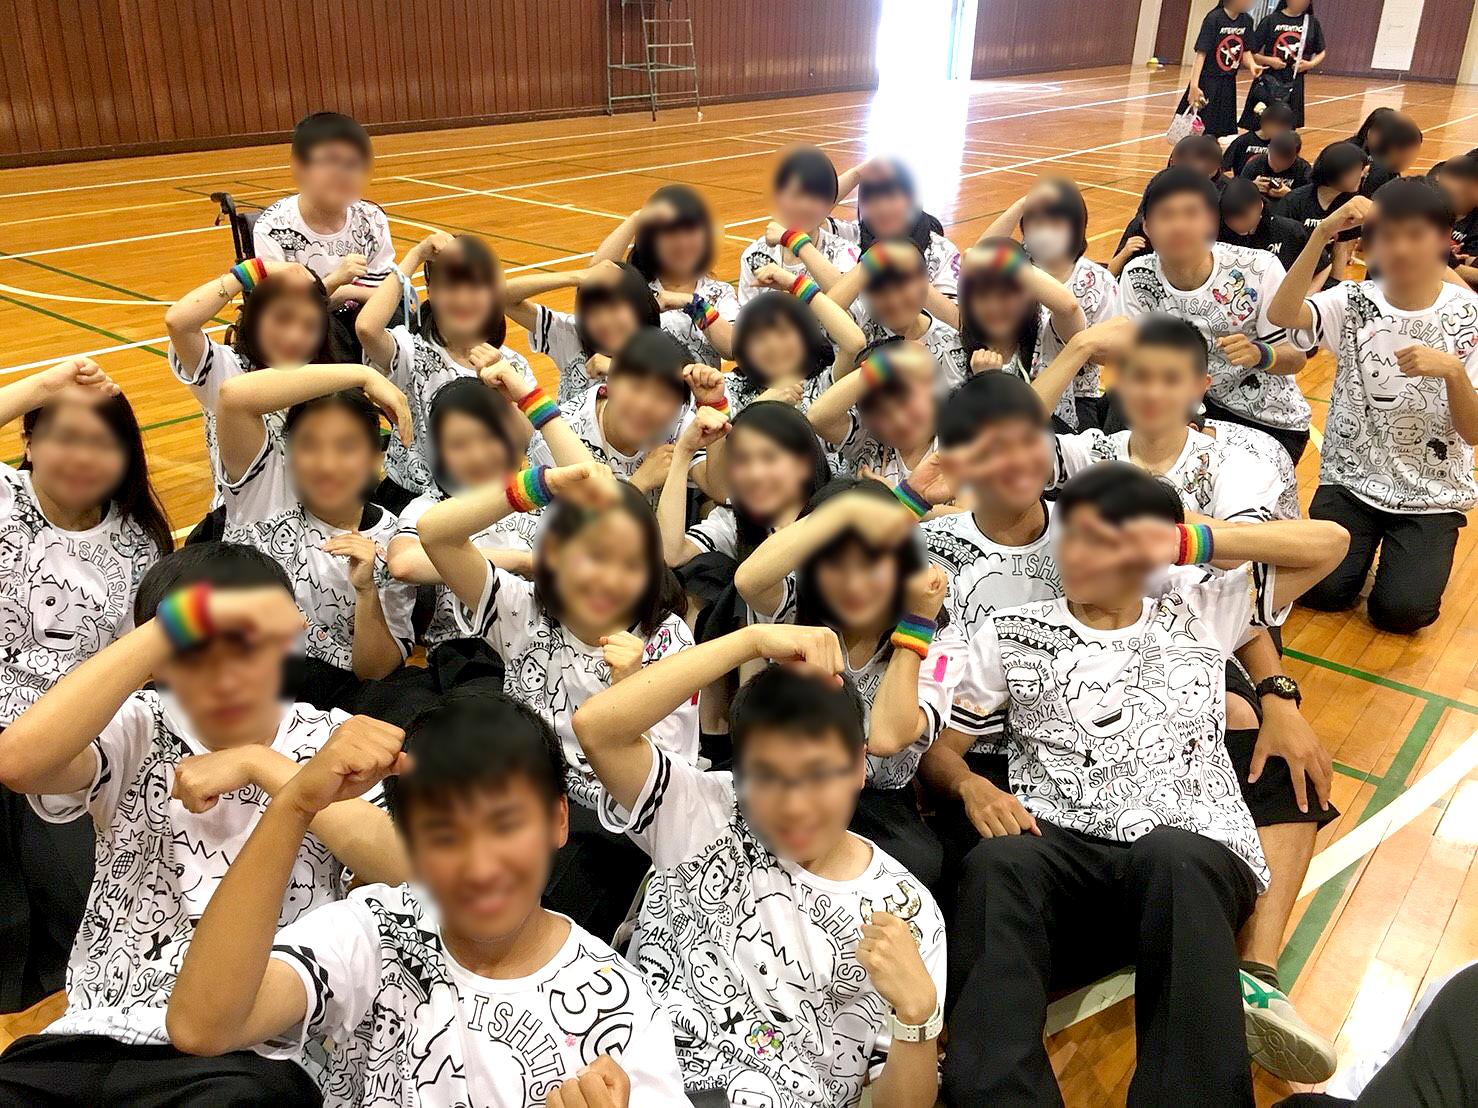 2018茨城県立竜ヶ崎第一高等学校様(デカプリMAX)